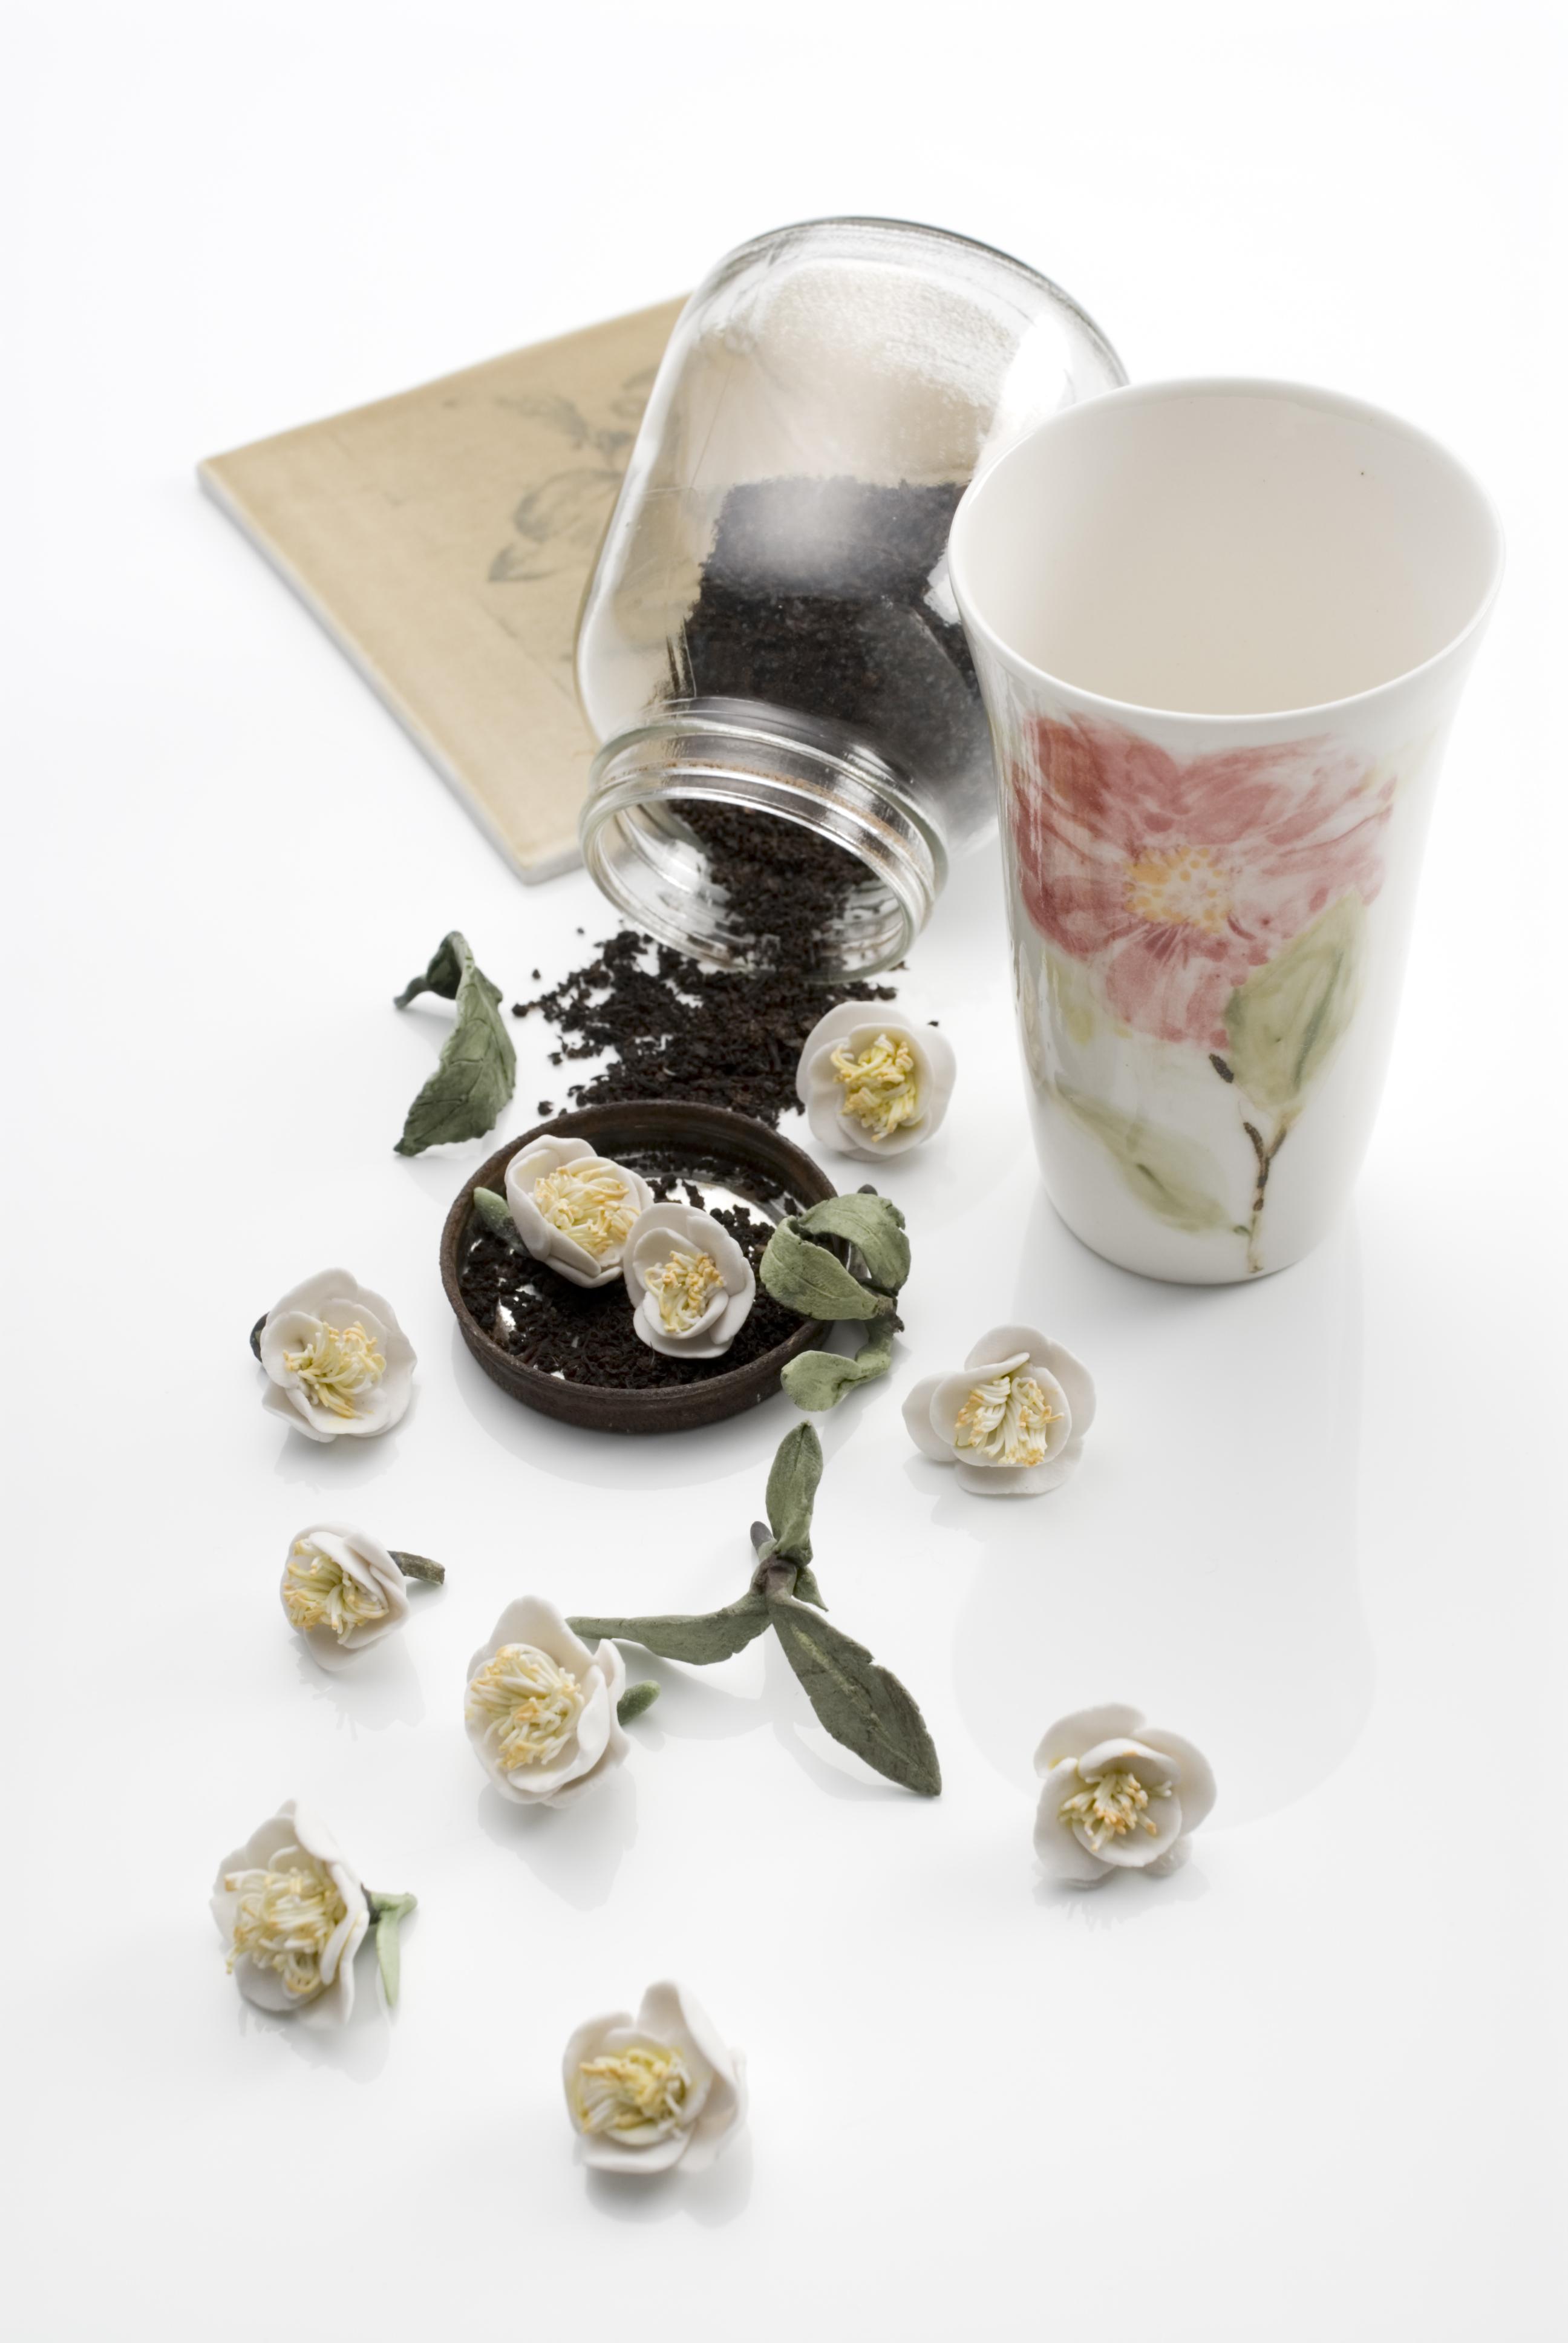 Spilt Tea, photographer, Greg Piper